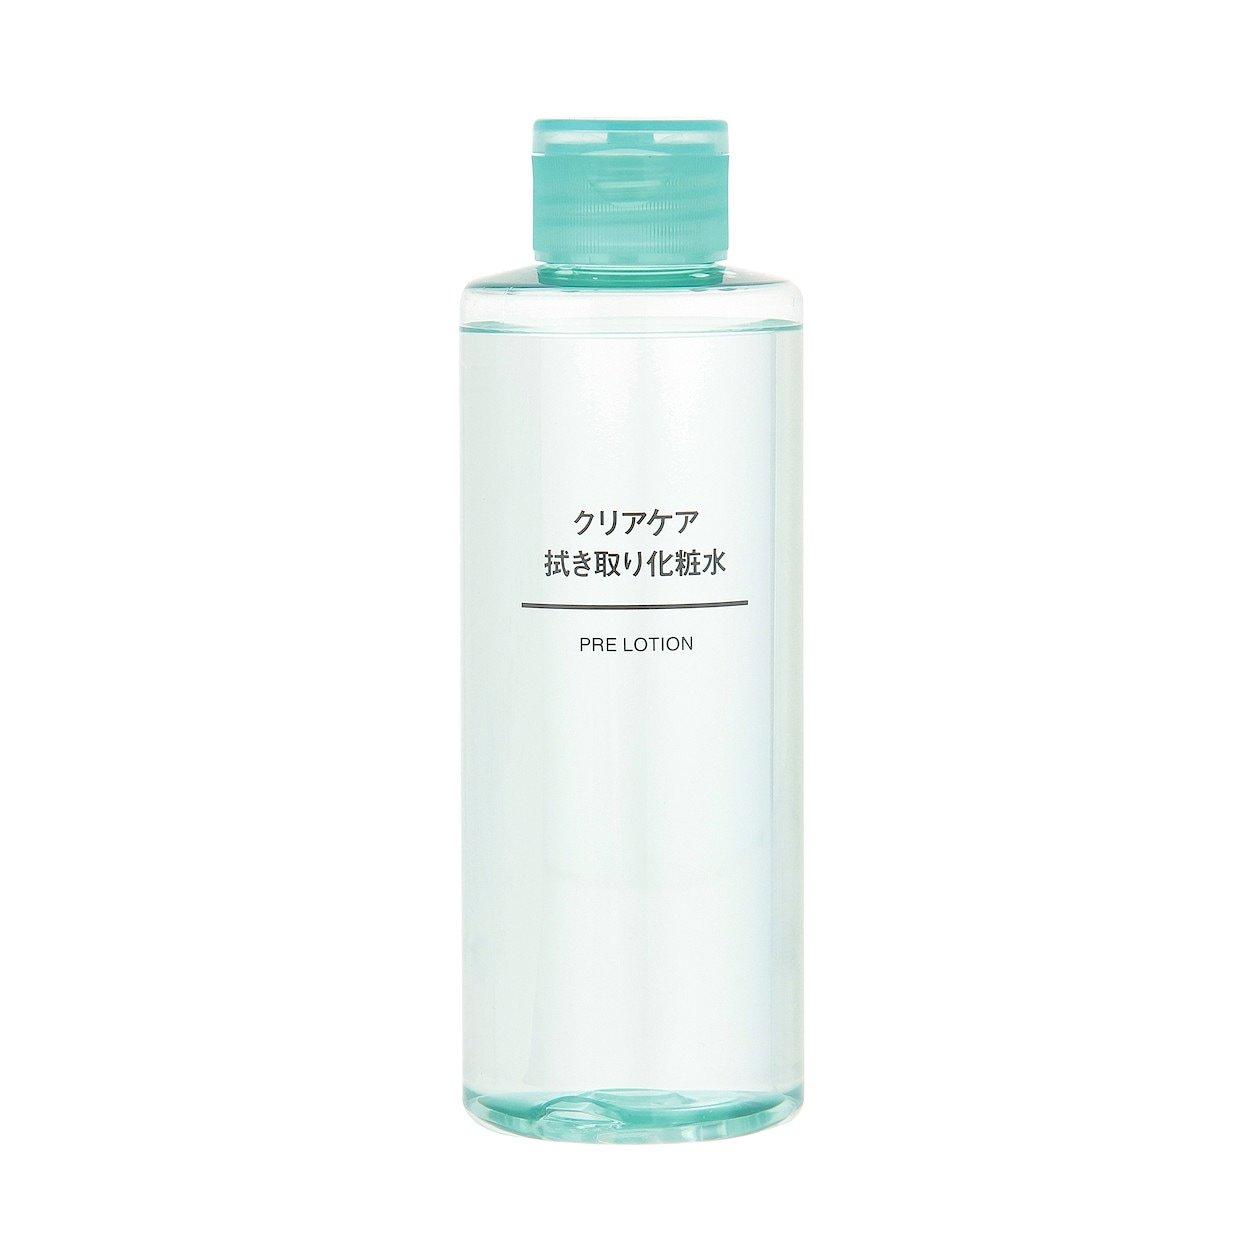 無印良品の「クリアケア拭き取り化粧水」